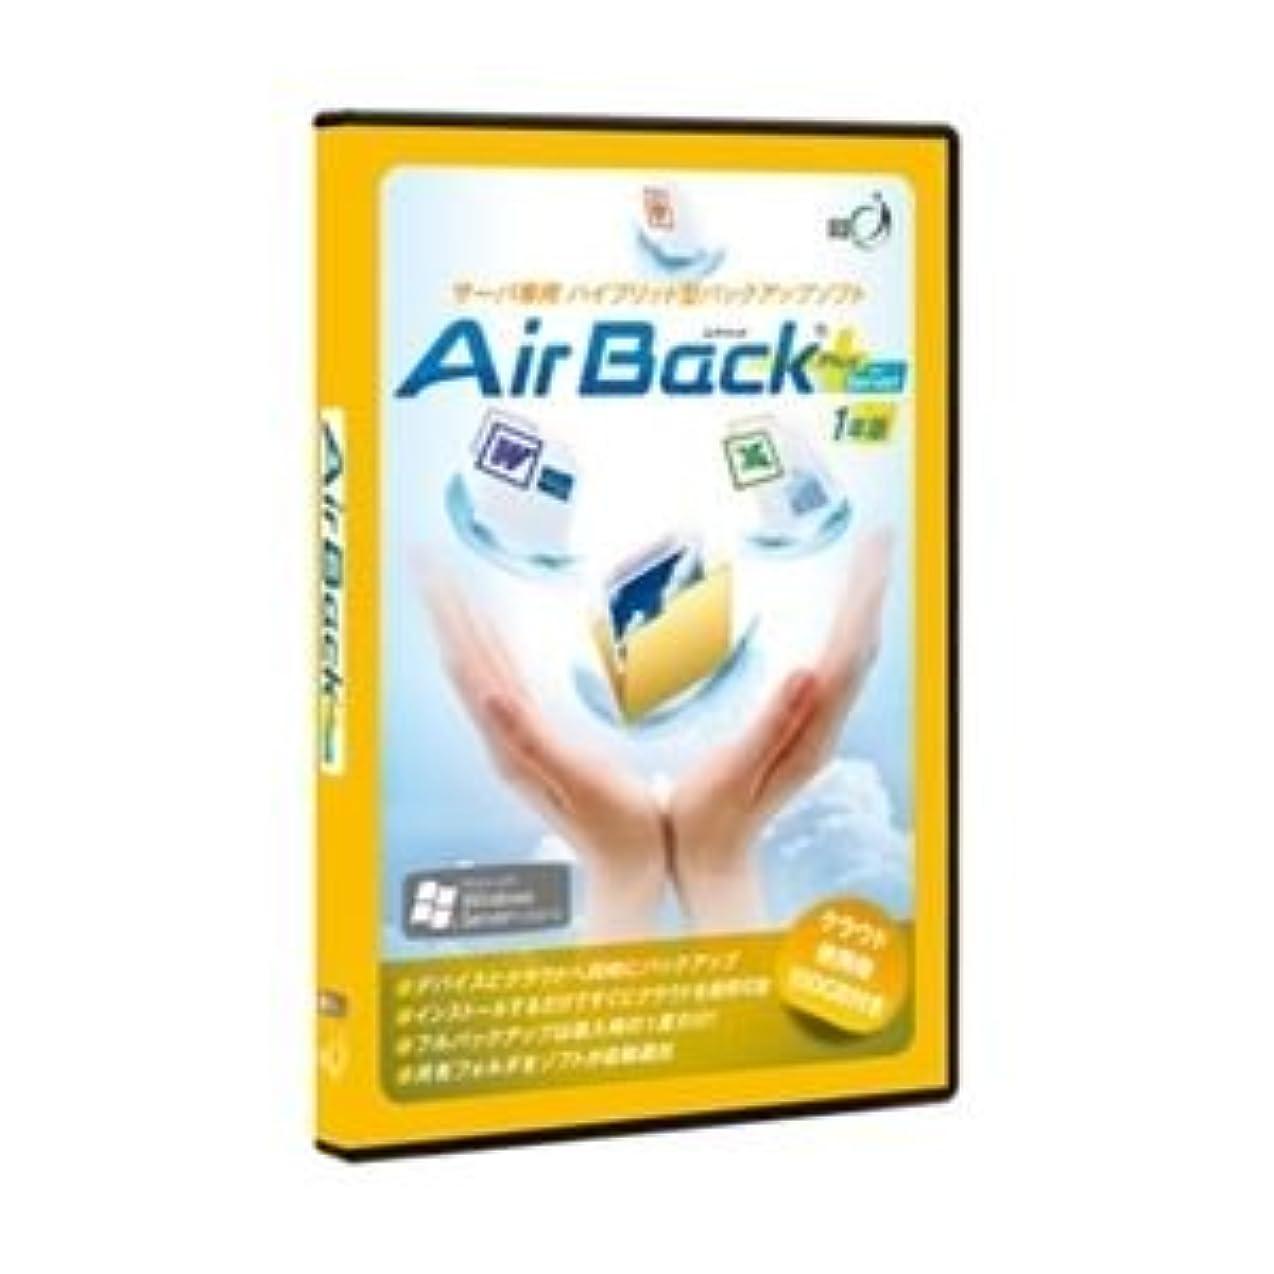 テザー複雑に賛成アール?アイ Air Back Plus for Server 1年版